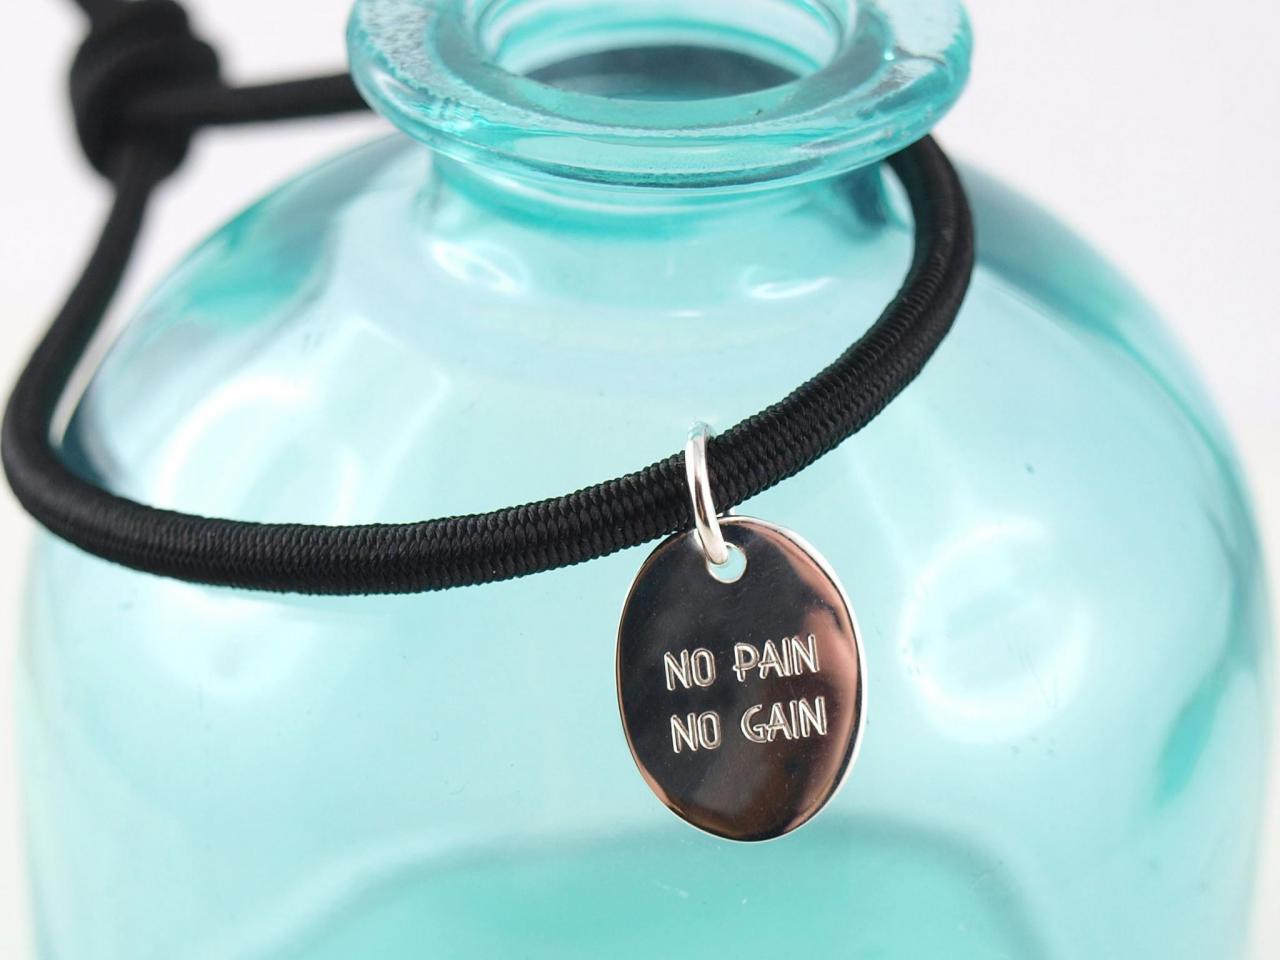 No pain no gain graviert auf Anhänger für ein Armband zur Motivation